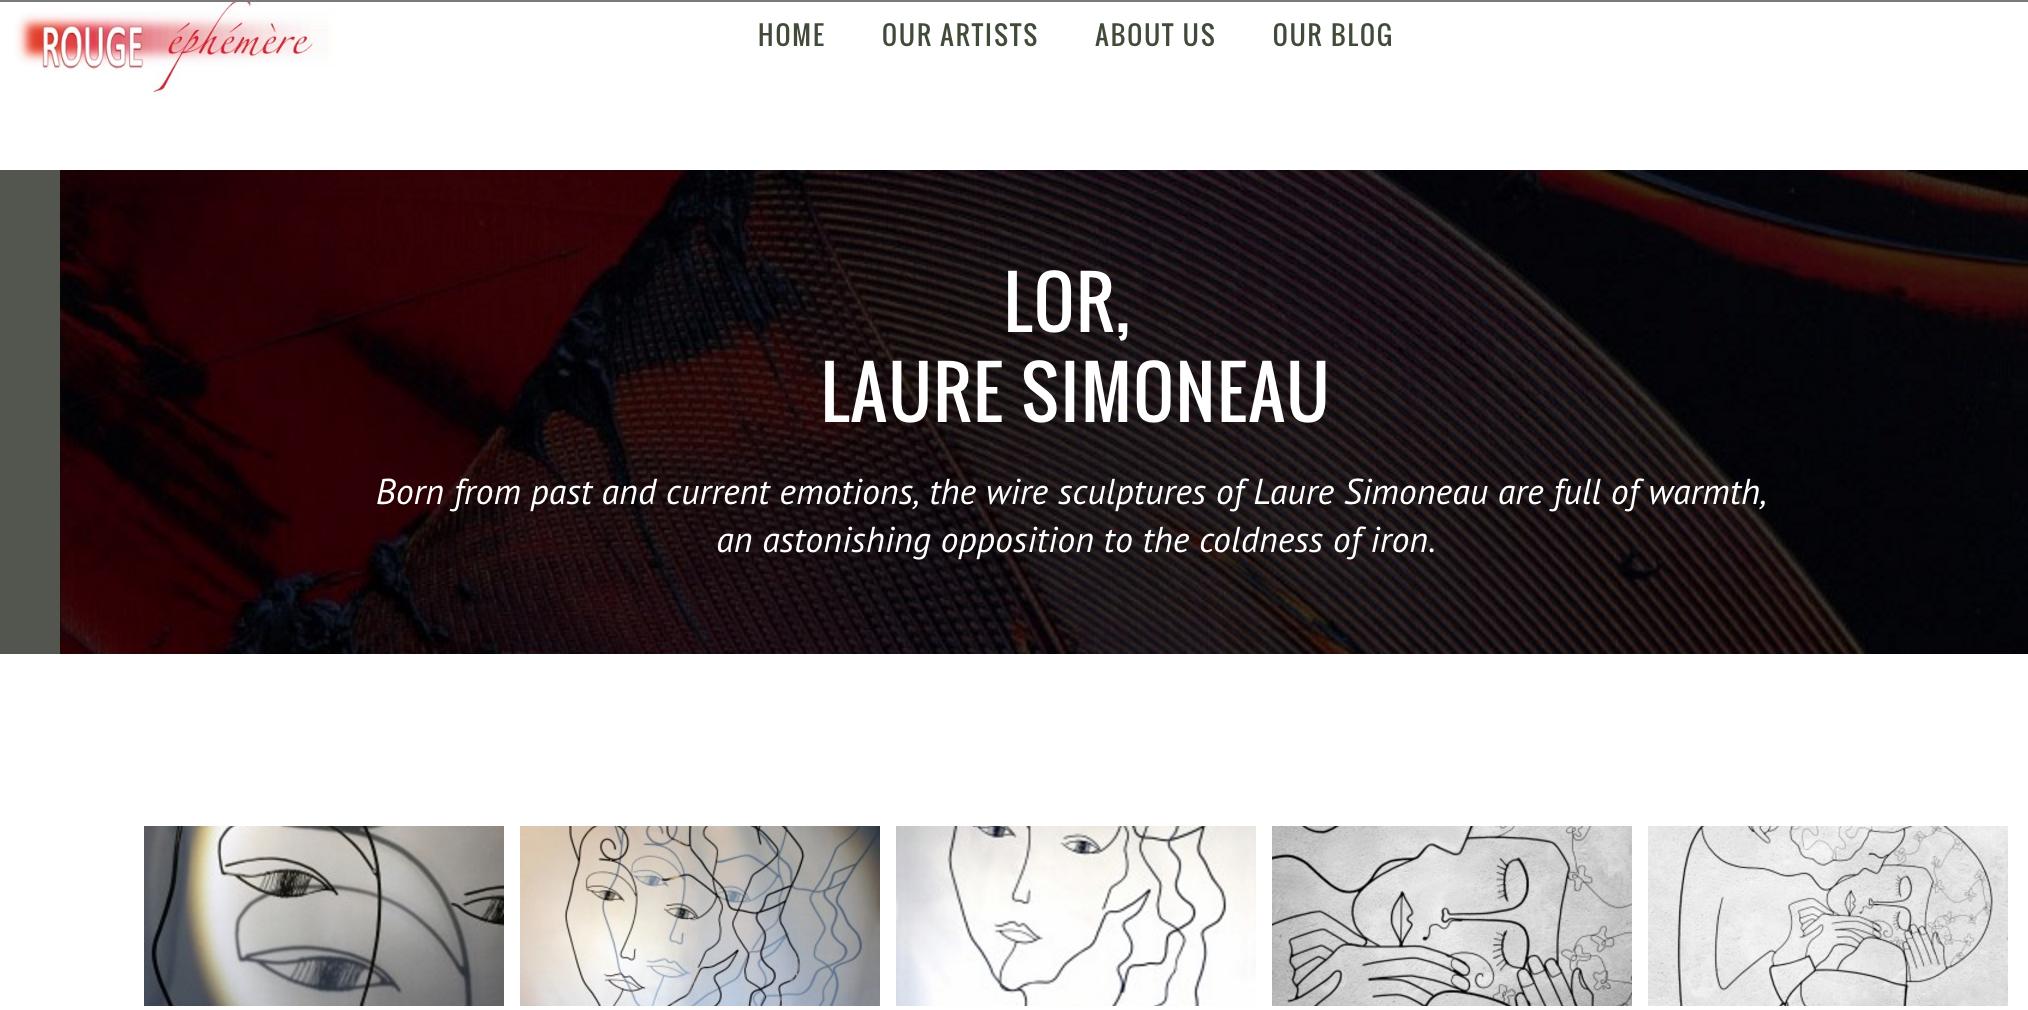 galerie rouge éphémère hong kong laure simoneau lor sculpture wire fil de fer ombre personnage portrait emotion femme poesie